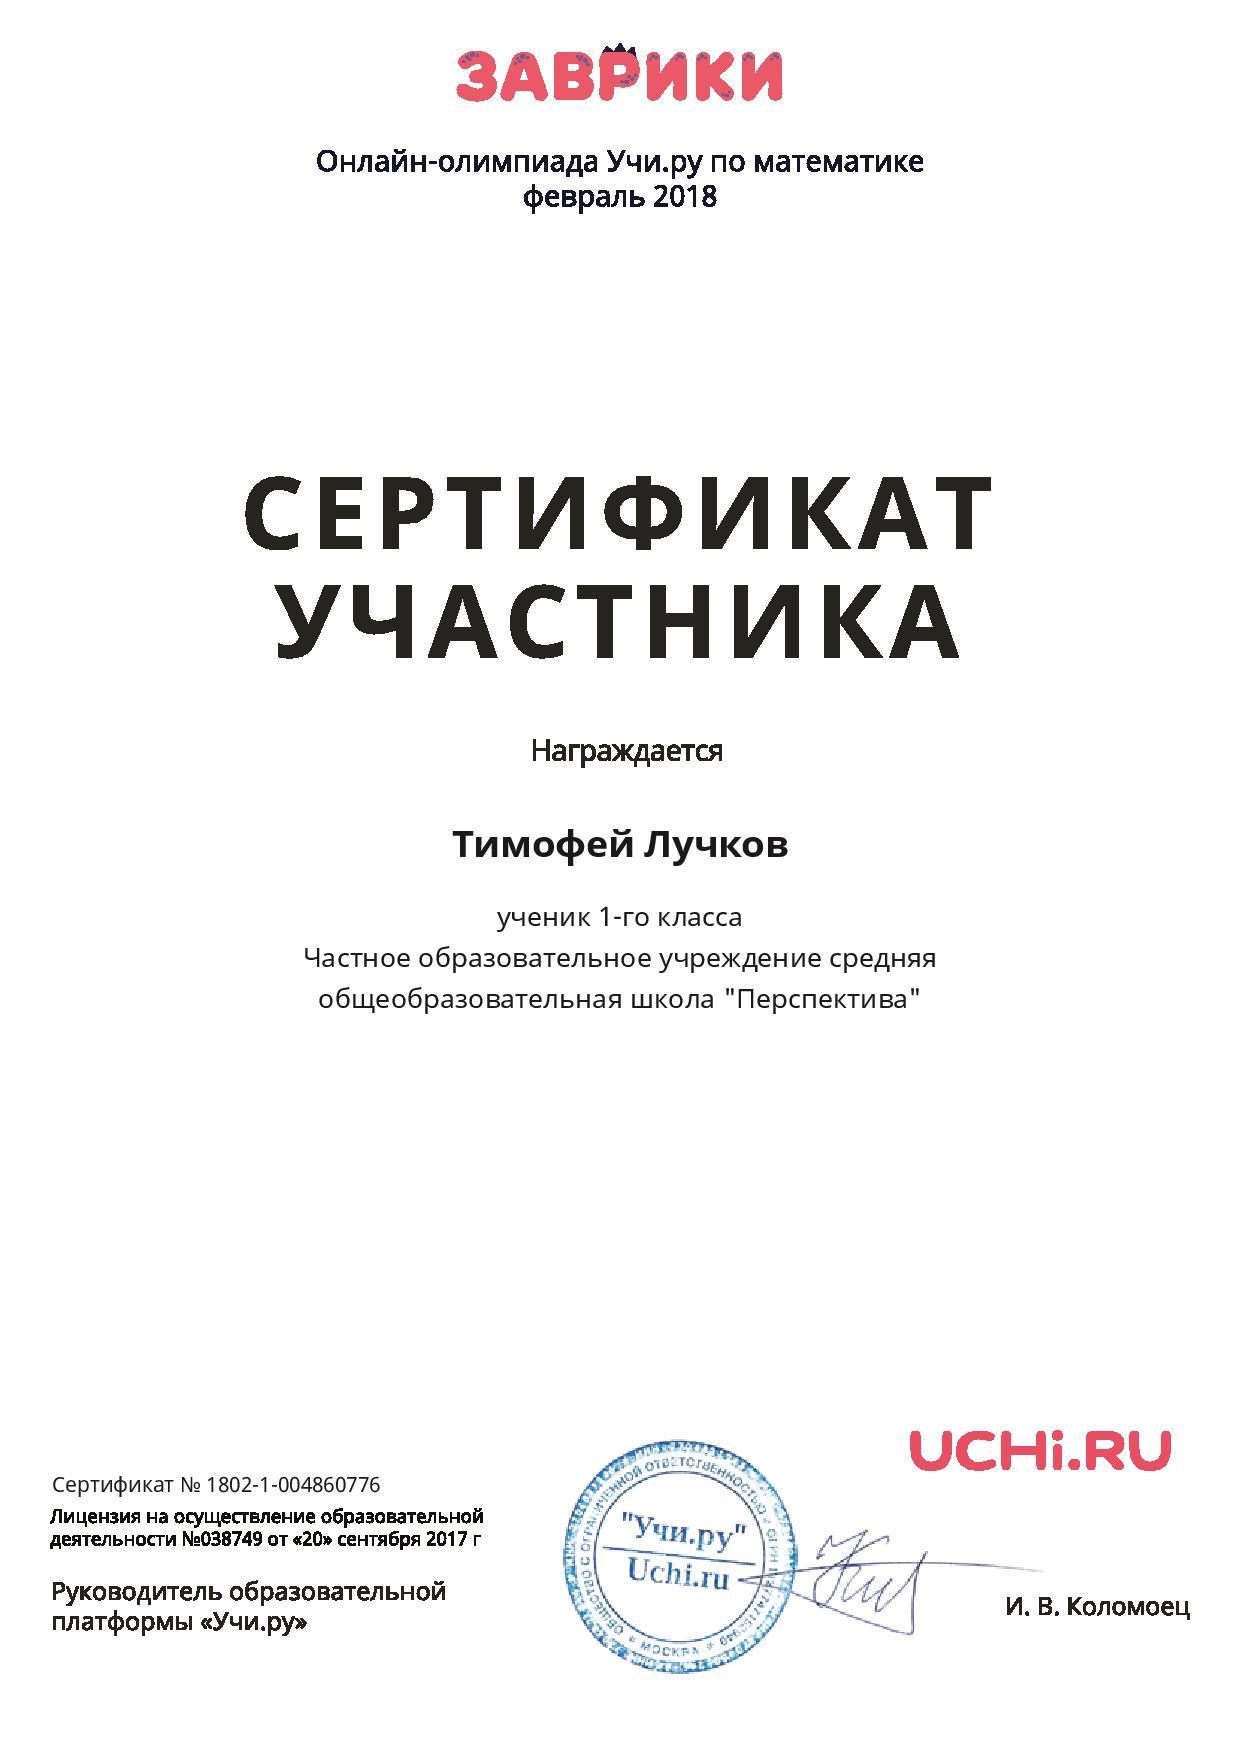 Sertifikat_Timofey_Luchkov_5469000-page-001